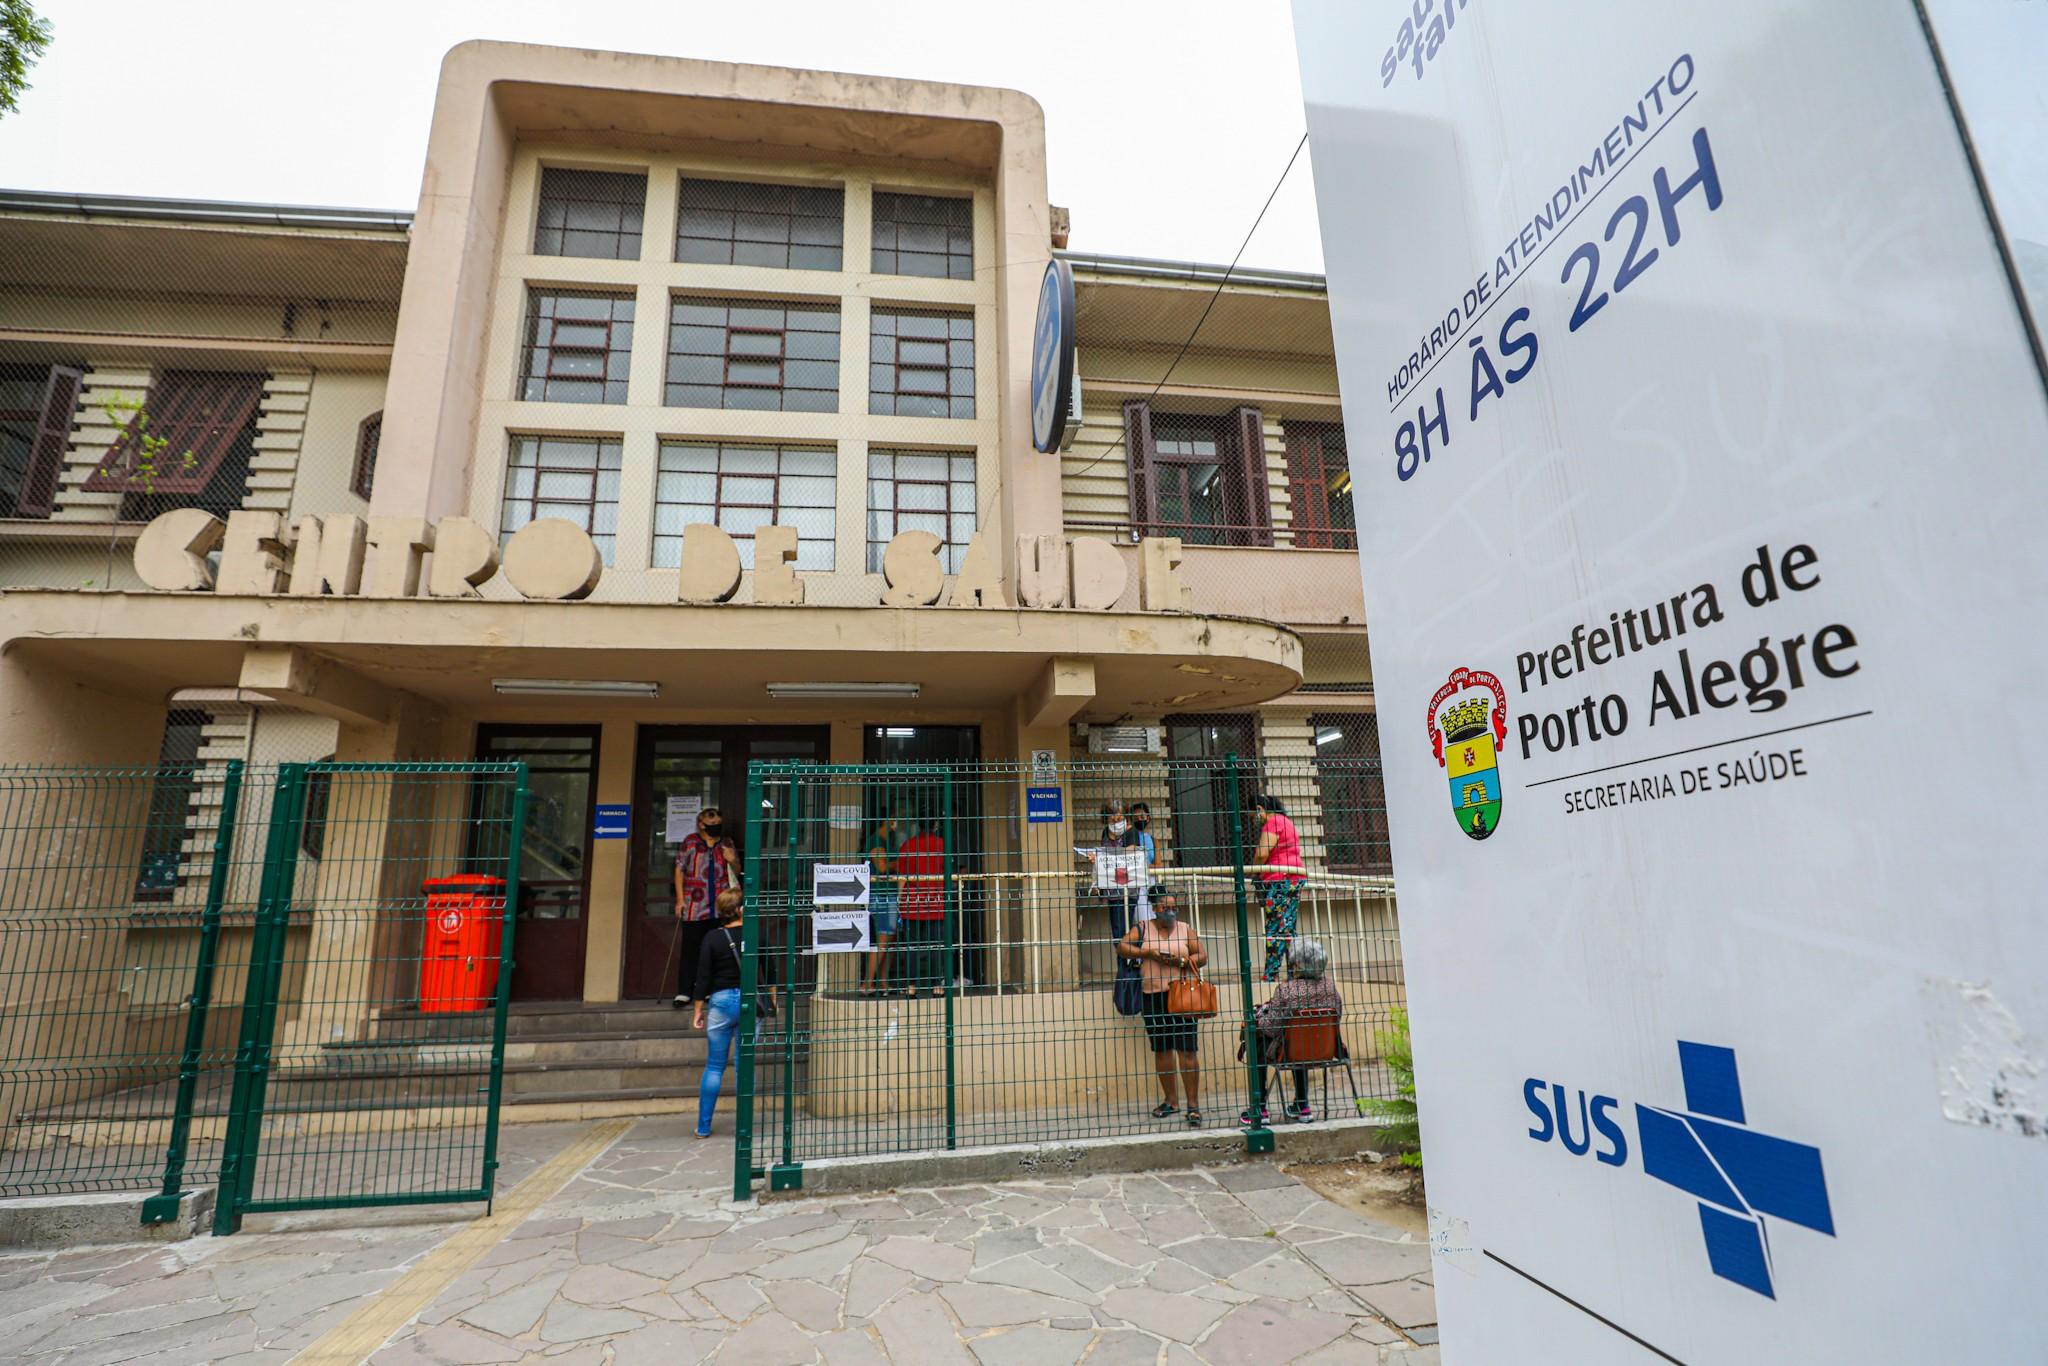 Profissionais de saúde começam a receber 2ª dose de vacina a partir de segunda em Porto Alegre